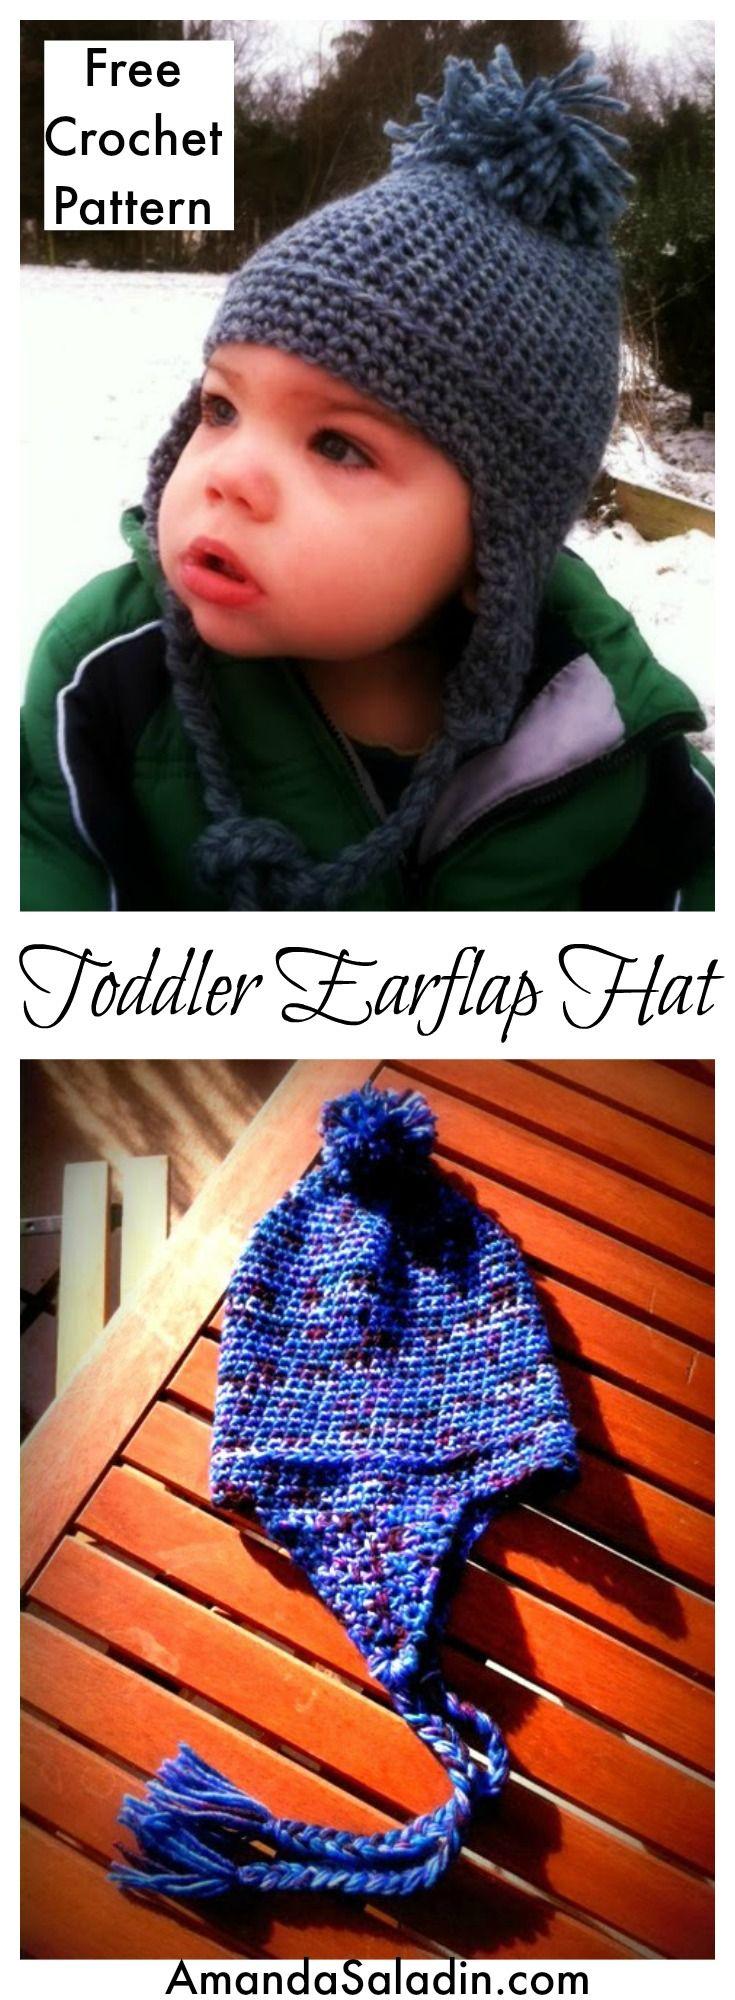 Toddler Earflap Hat - Free Crochet Pattern   Gorros, Para bebes y Bebe